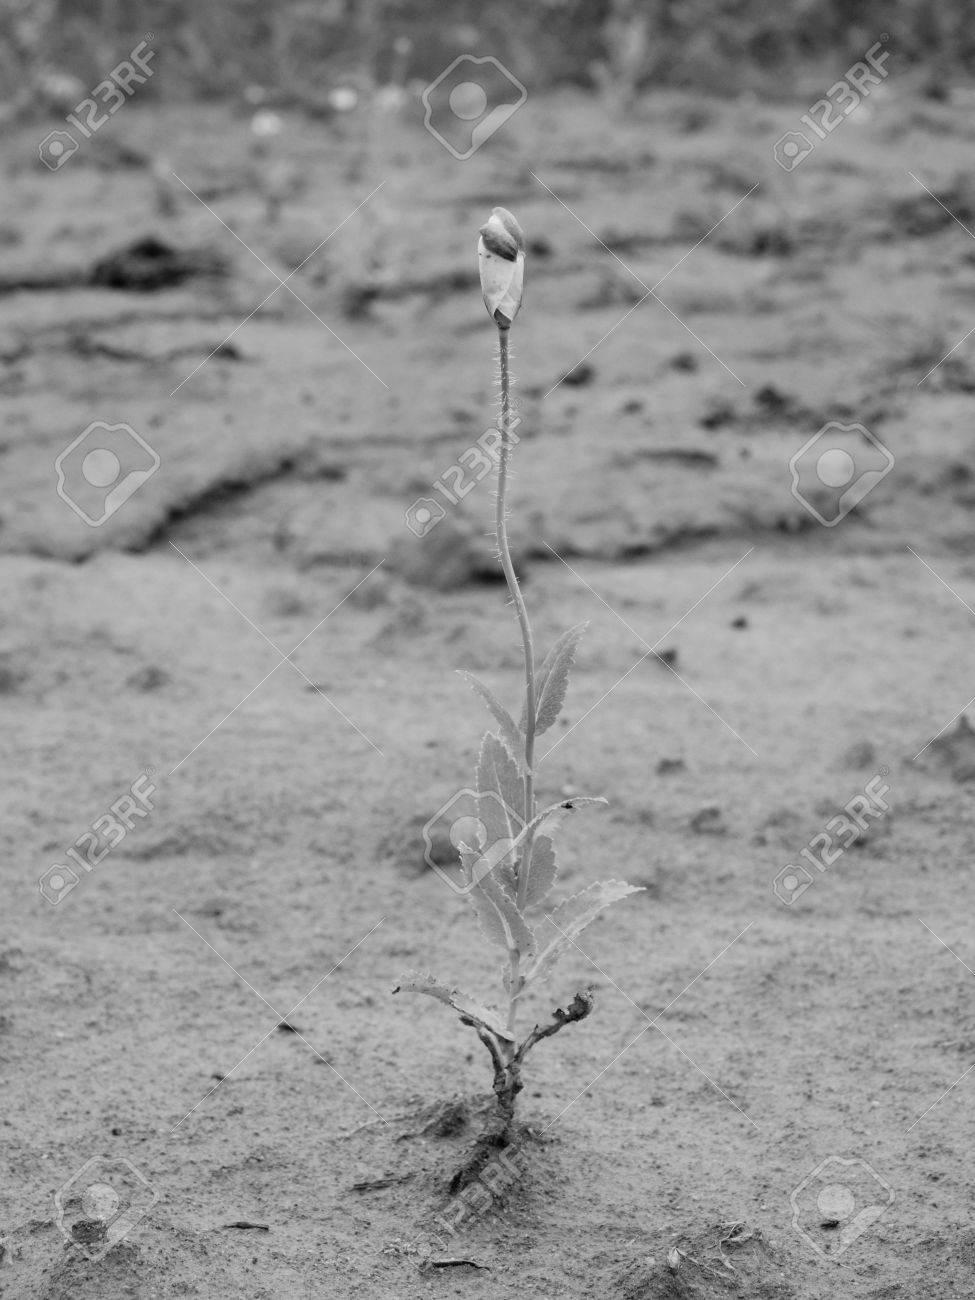 Perdu Petite Fleur De Pavot Fleur Dans Le Vent Champ Avec Vertes